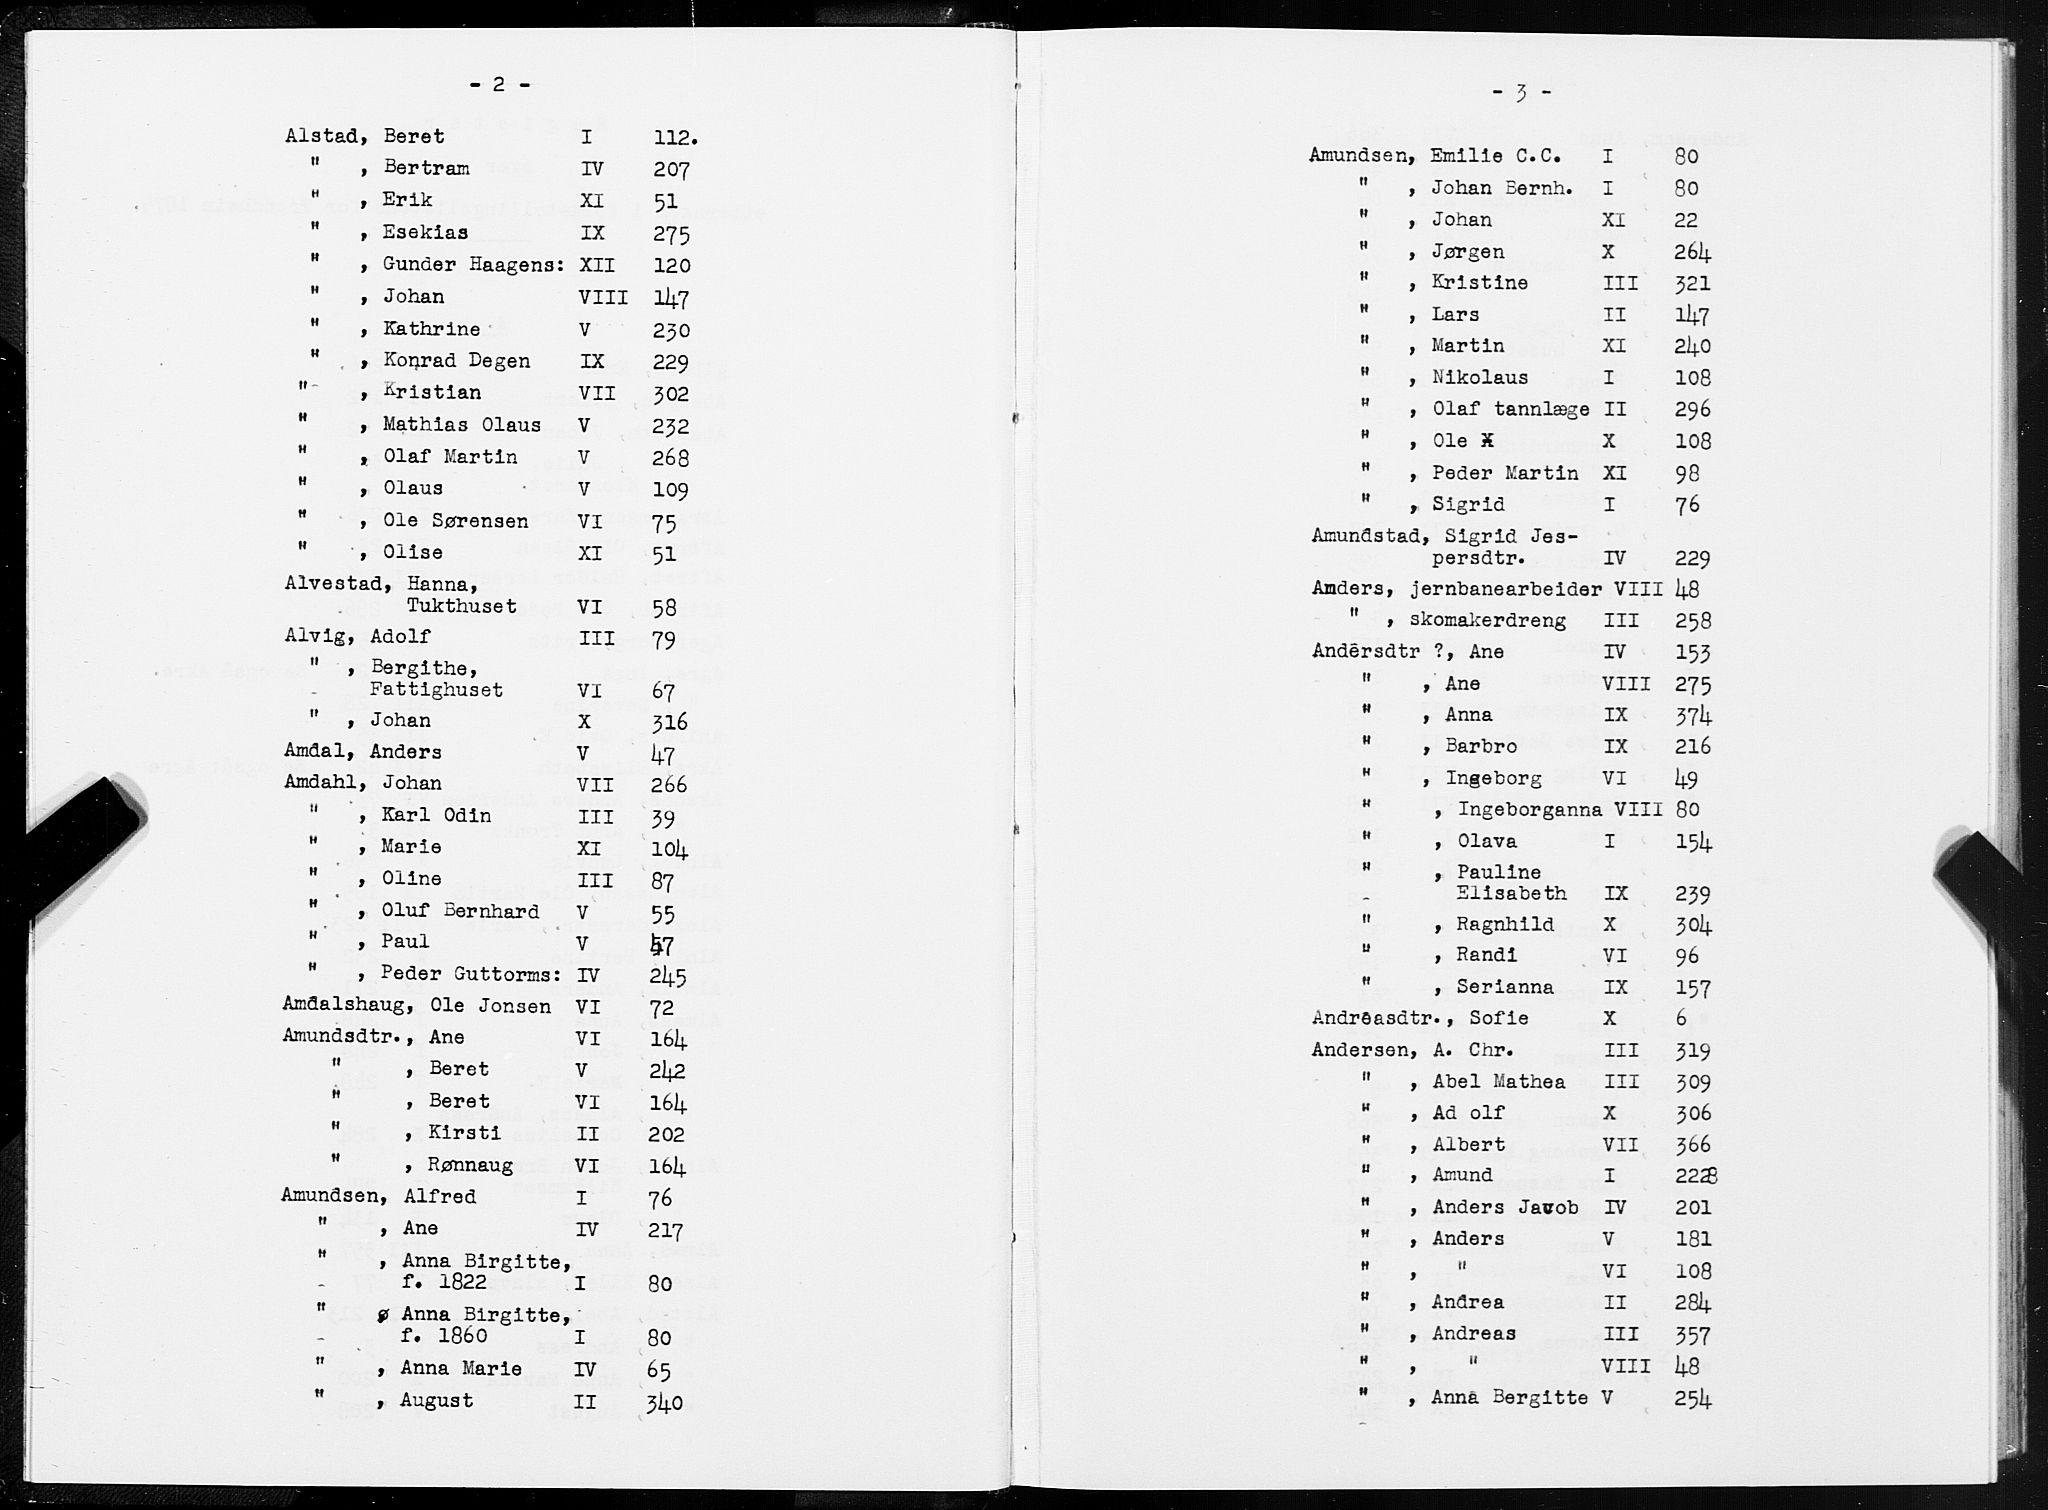 SAT, Folketelling 1875 for 1601 Trondheim kjøpstad, 1875, s. 2-3